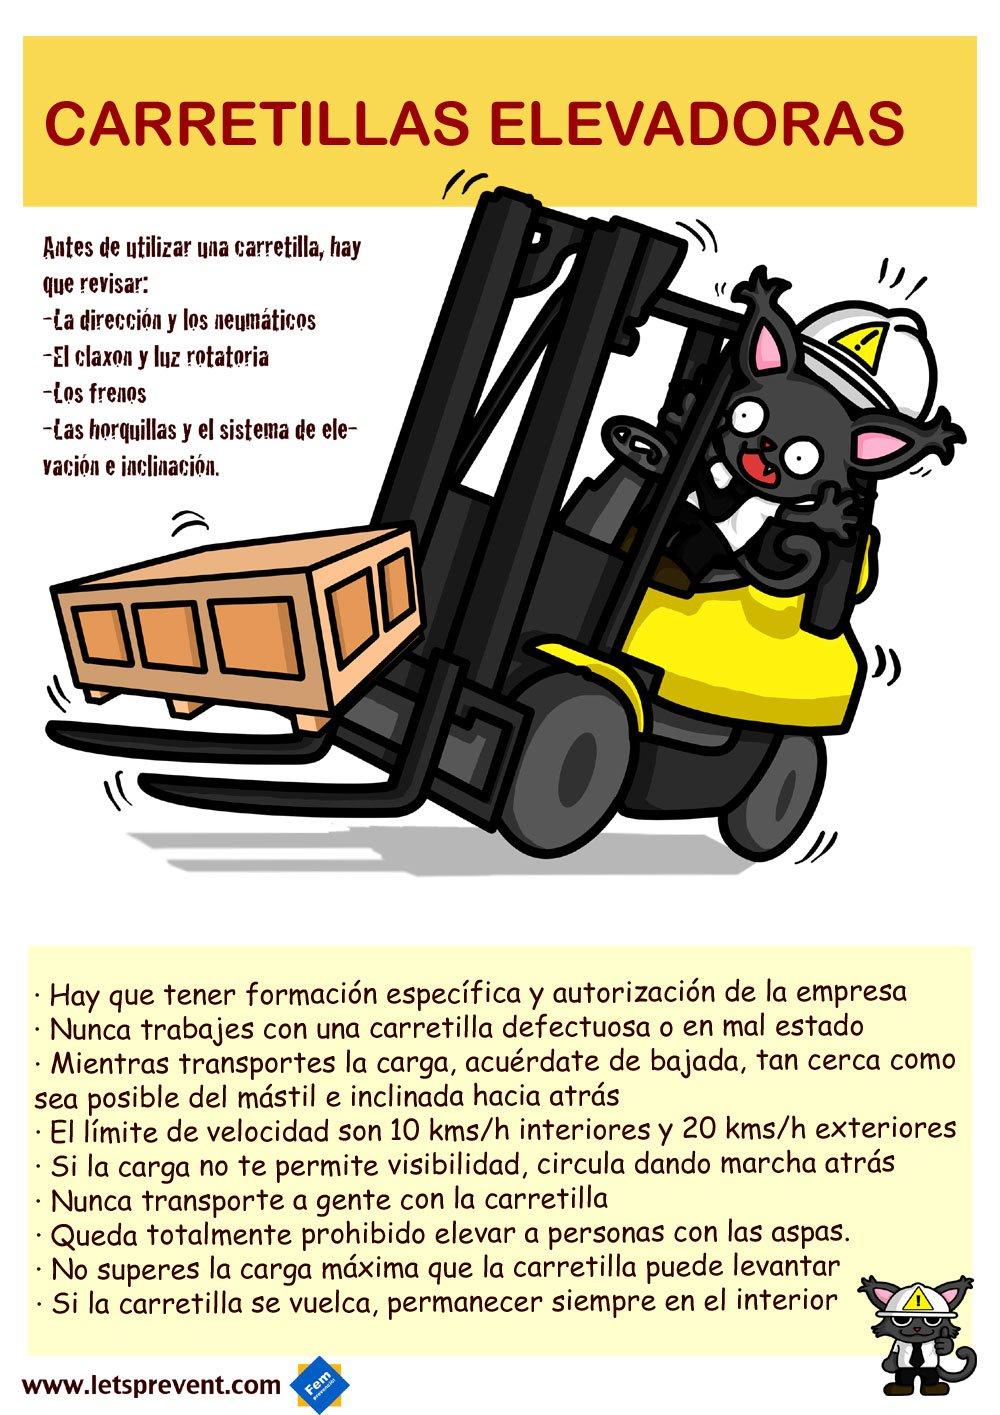 Ficha informativa carretillas elevadoras Let's Prevent! - Vídeo: Mejor dos carretillas que una